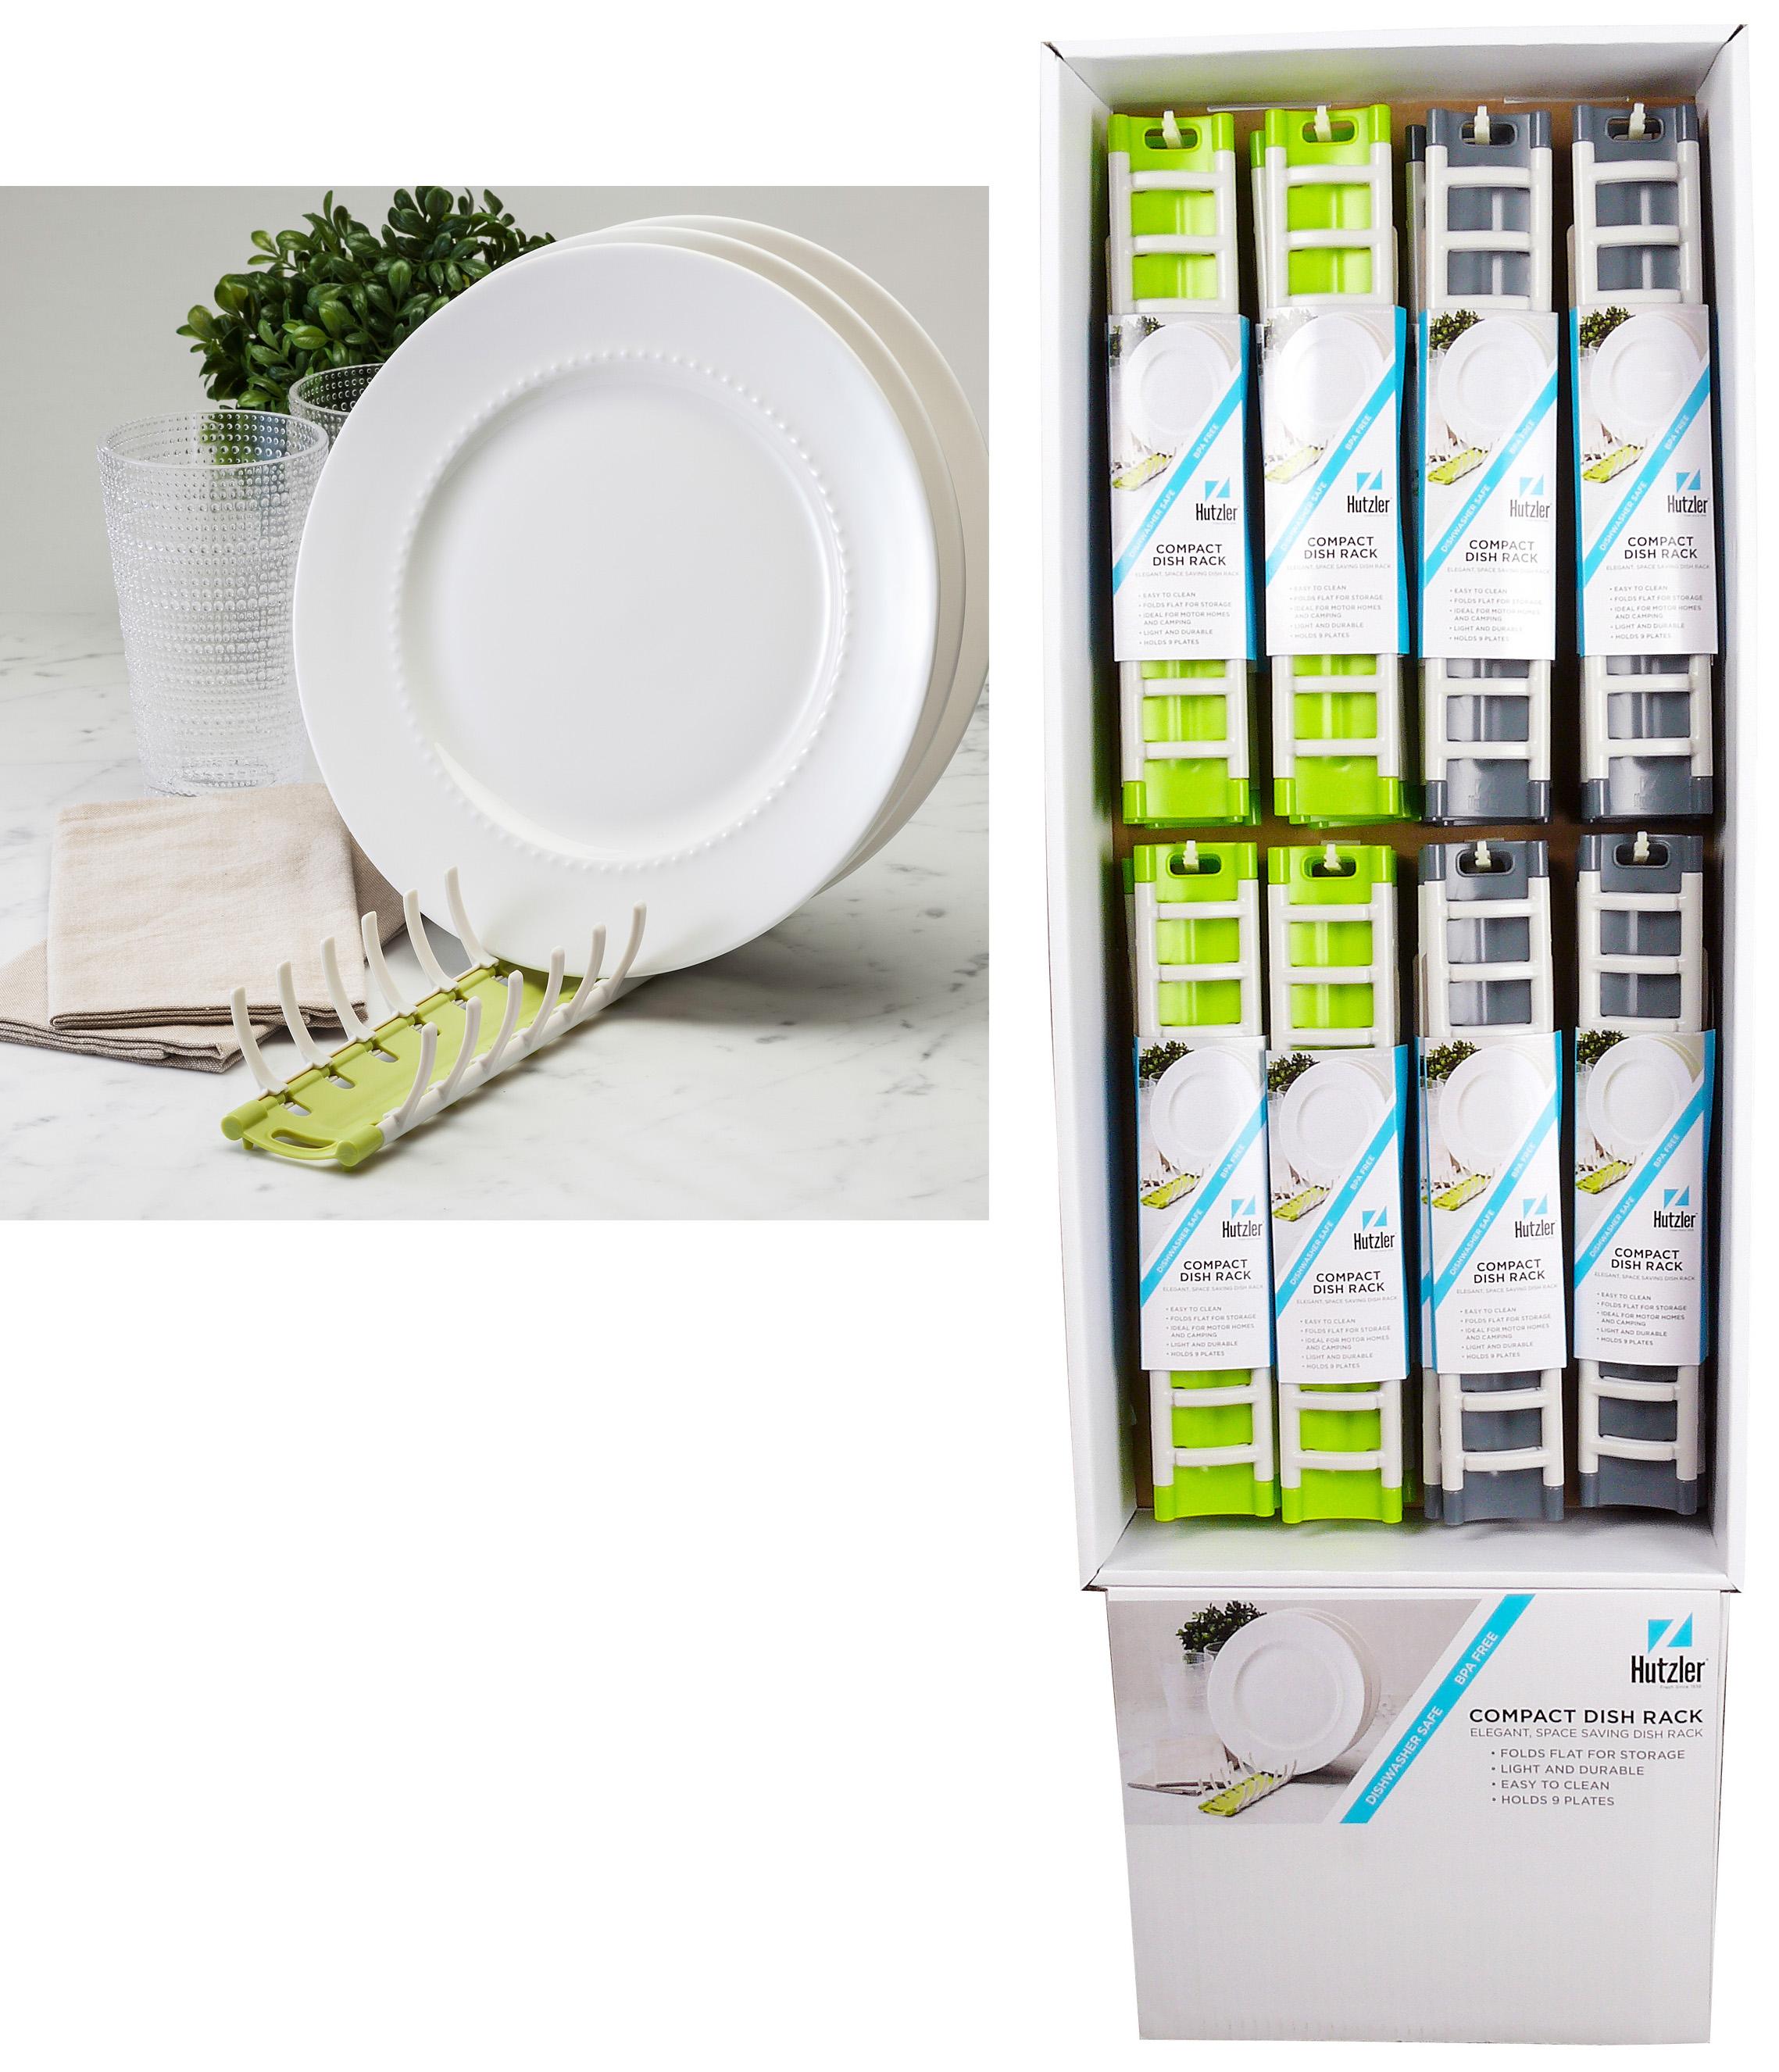 Hutzler 24-888 Compact Dish Rack Floor Display (24 pack)